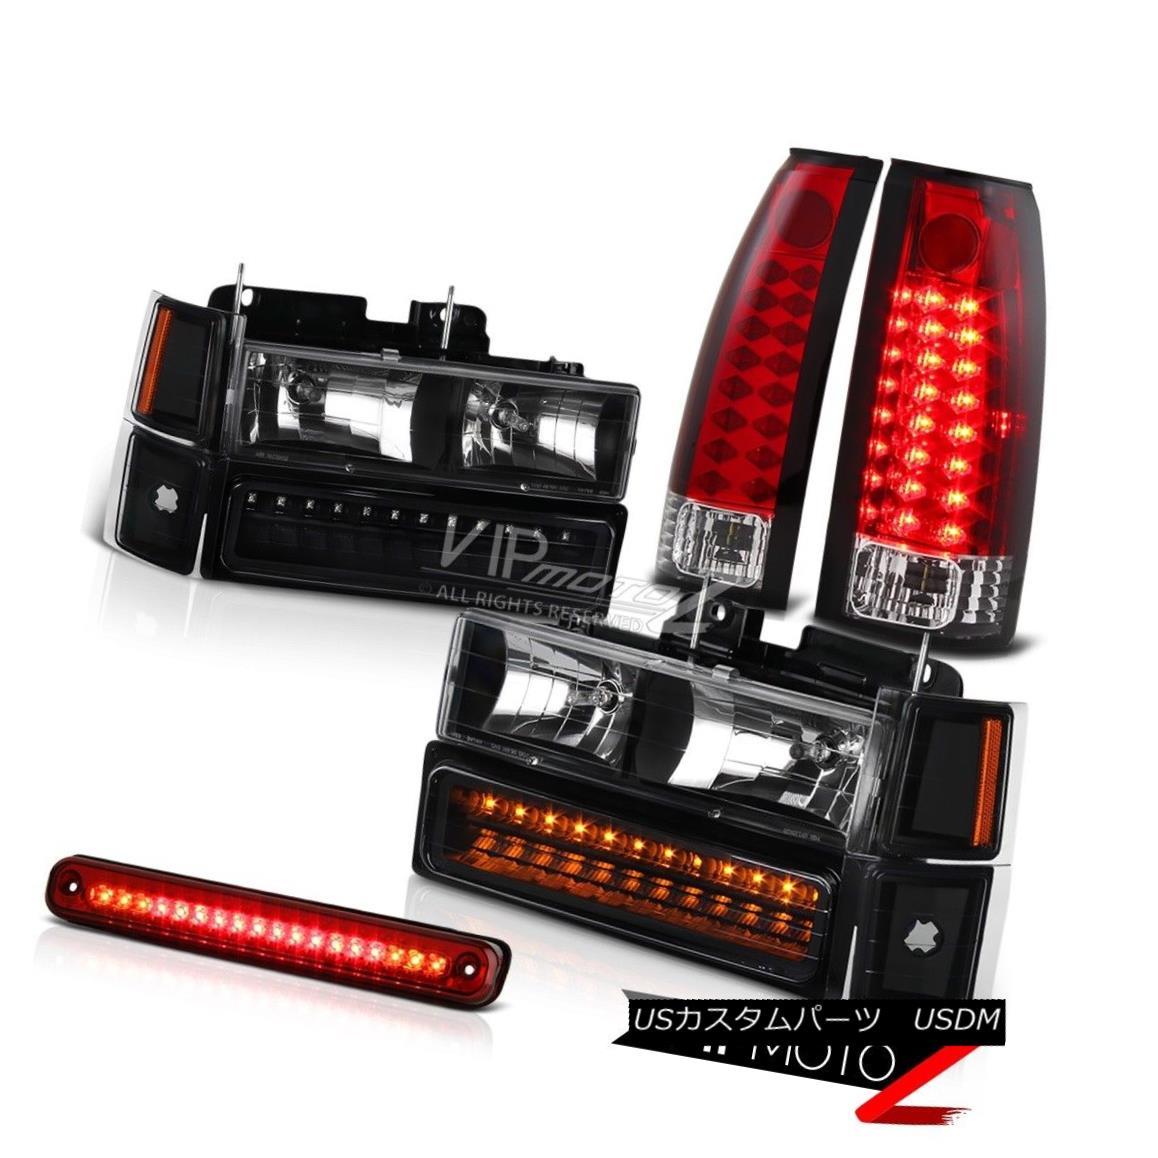 ヘッドライト 94 95 96 97 98 Chevy C1500 C2500 Silverado Red LED Cargo Tail Light Headlights 94 95 96 97 98シボレーC1500 C2500シルバラードレッドLEDカーゴテールライトヘッドライト